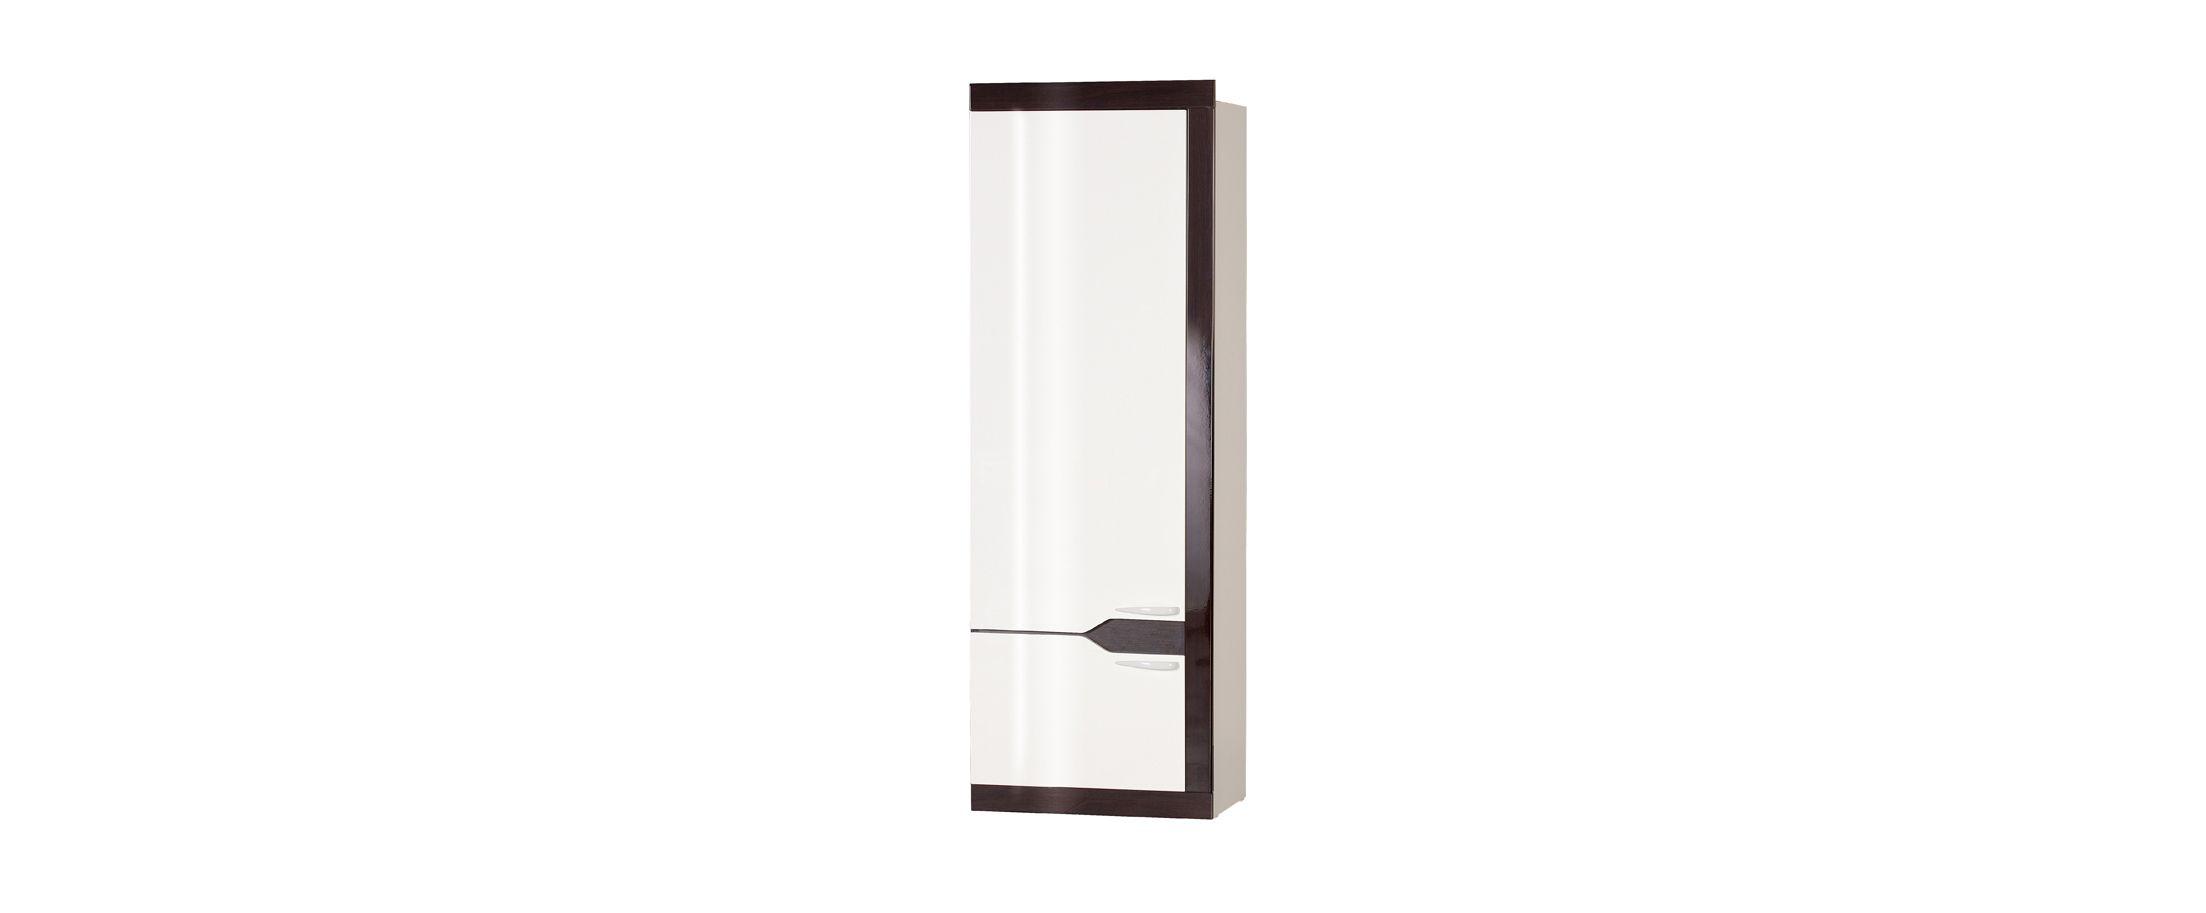 Шкаф для одежды Ронда 300Шкаф для одежды Ронда 300 Модель 902. Артикул Д000527.<br>